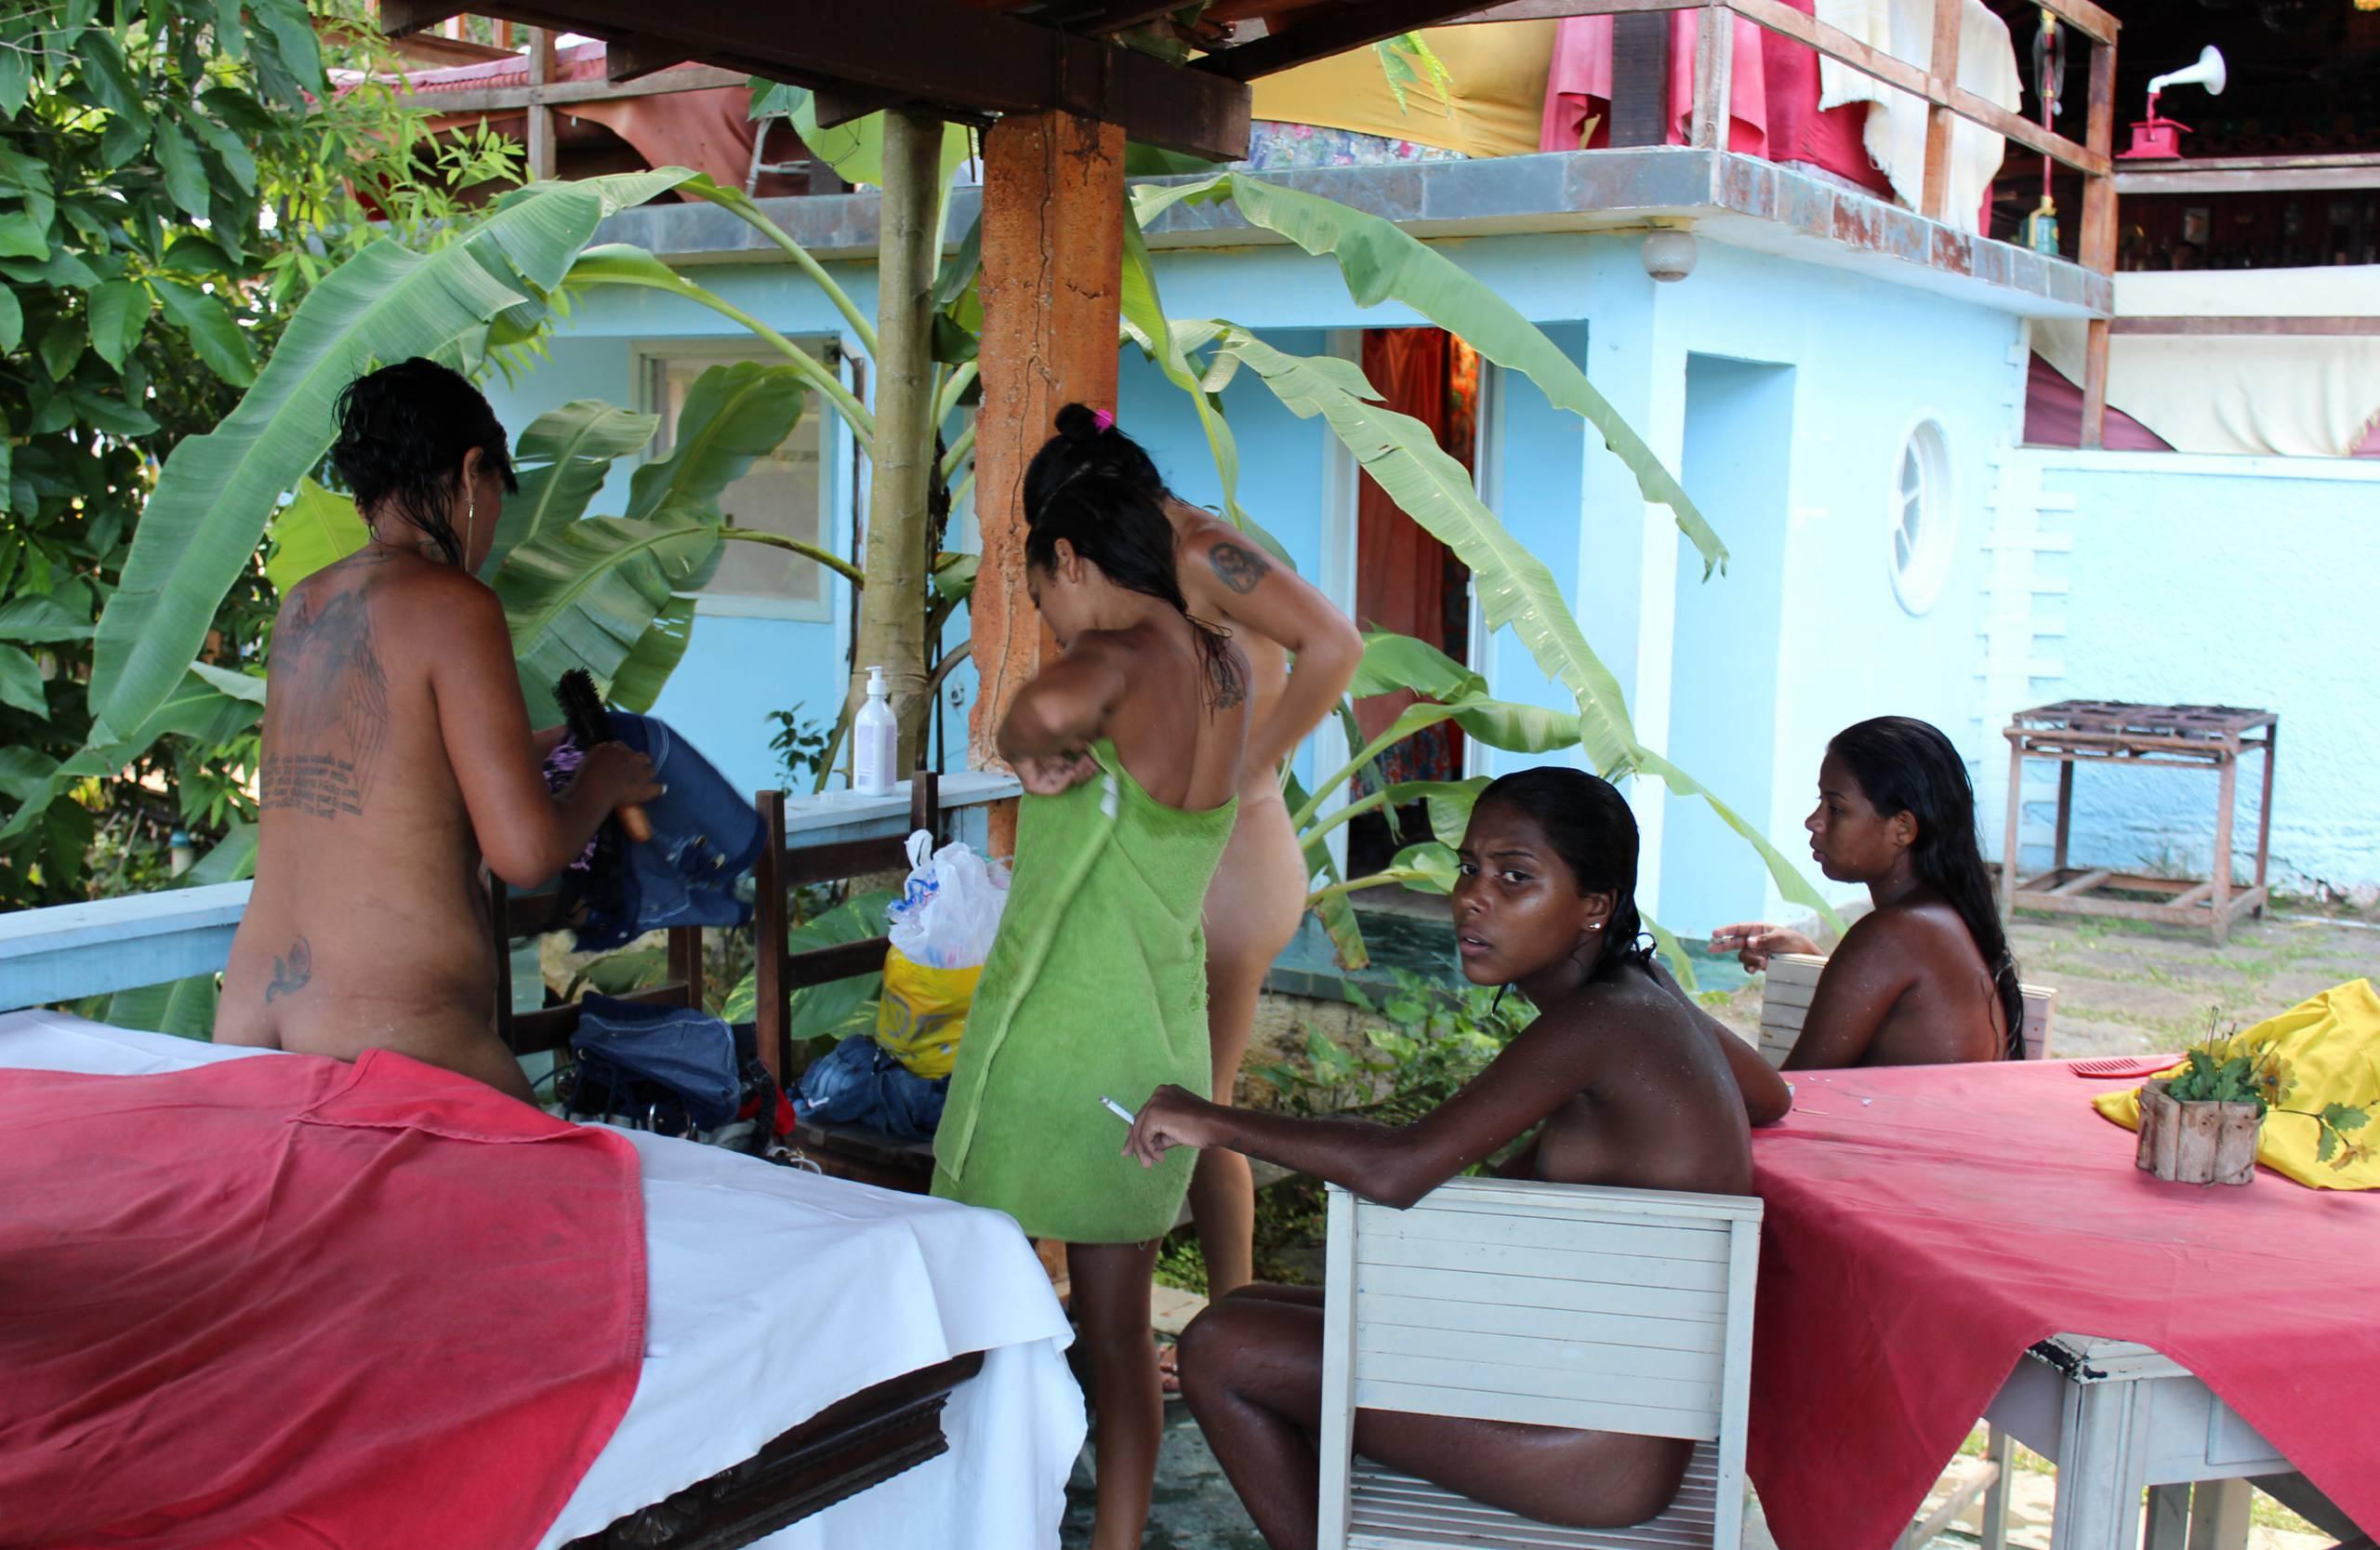 Nudist Pics Brazilian Activities - 1